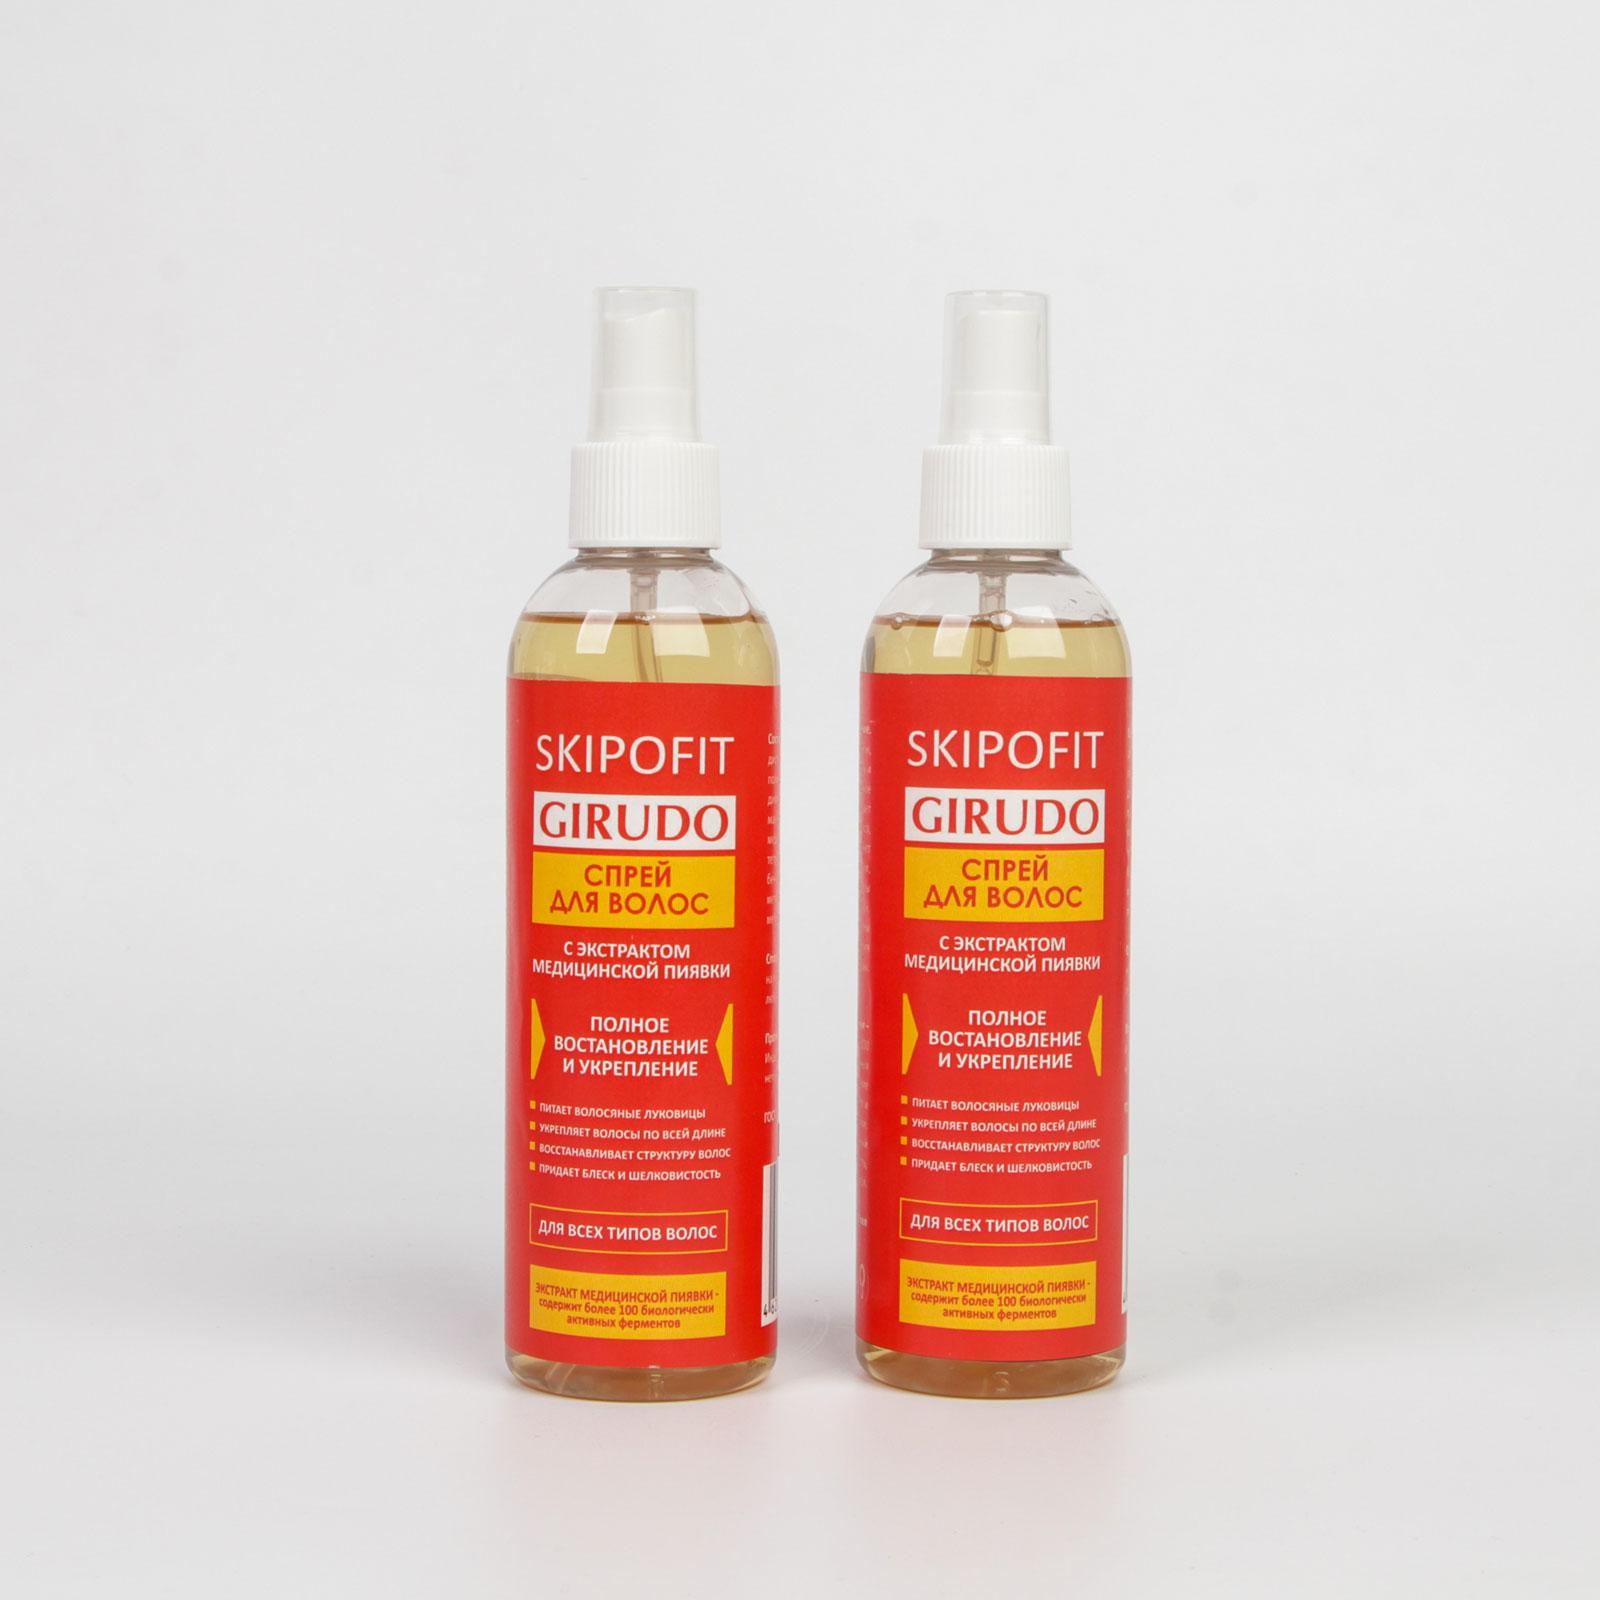 Спрей для волос с экстрактом медицинской пиявки, 2 шт.